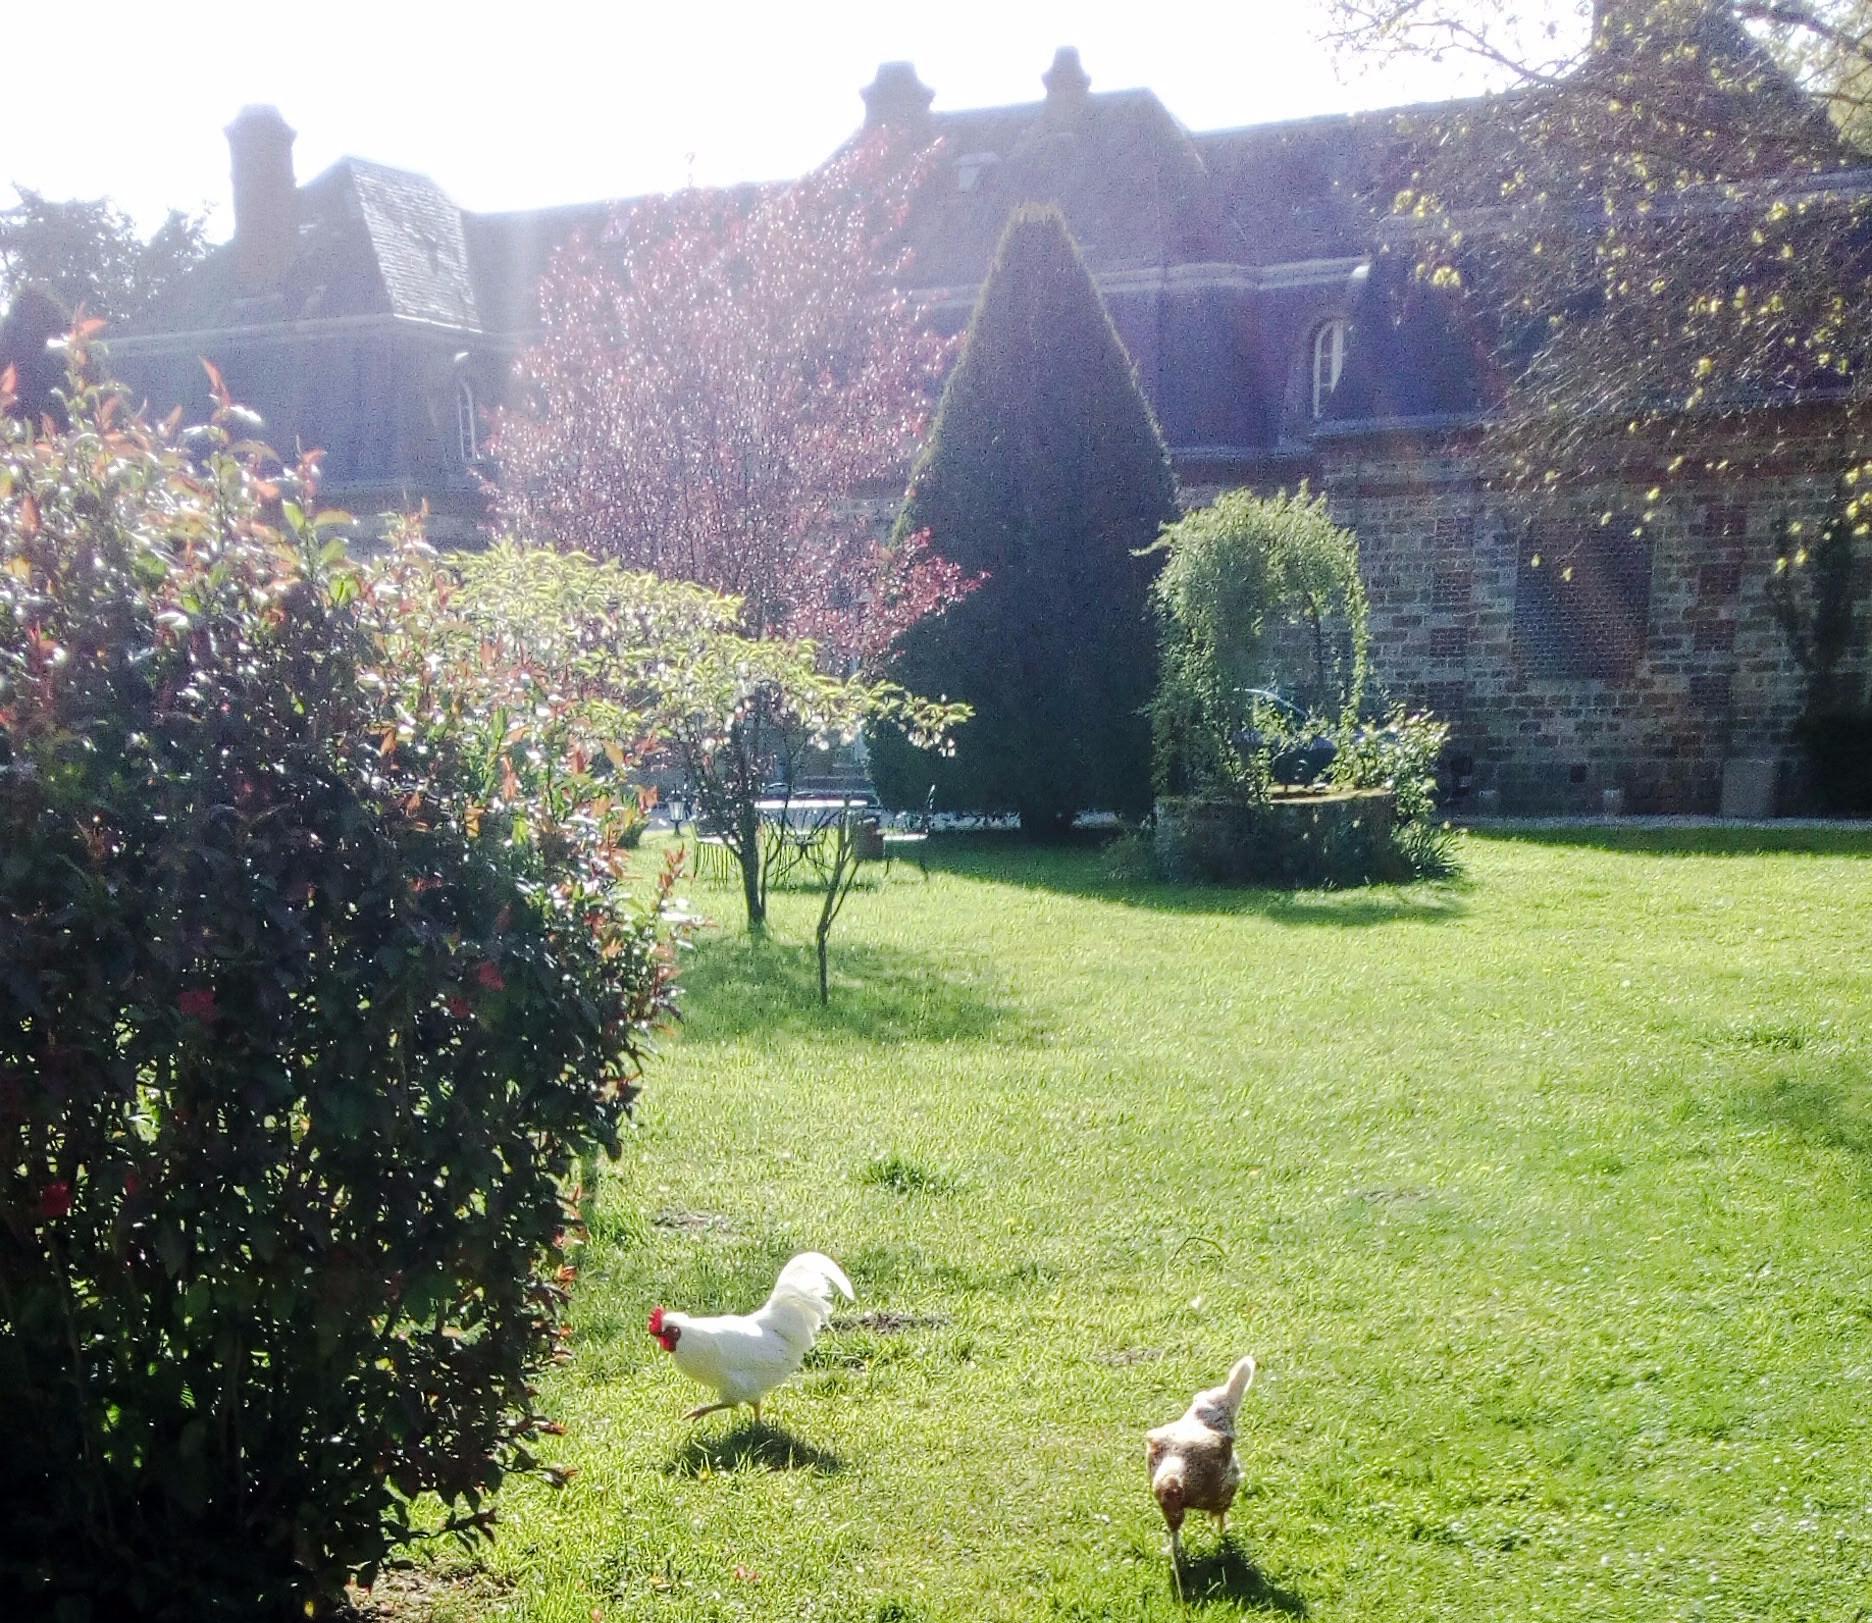 Image de poules devant le château de la Bourbelle